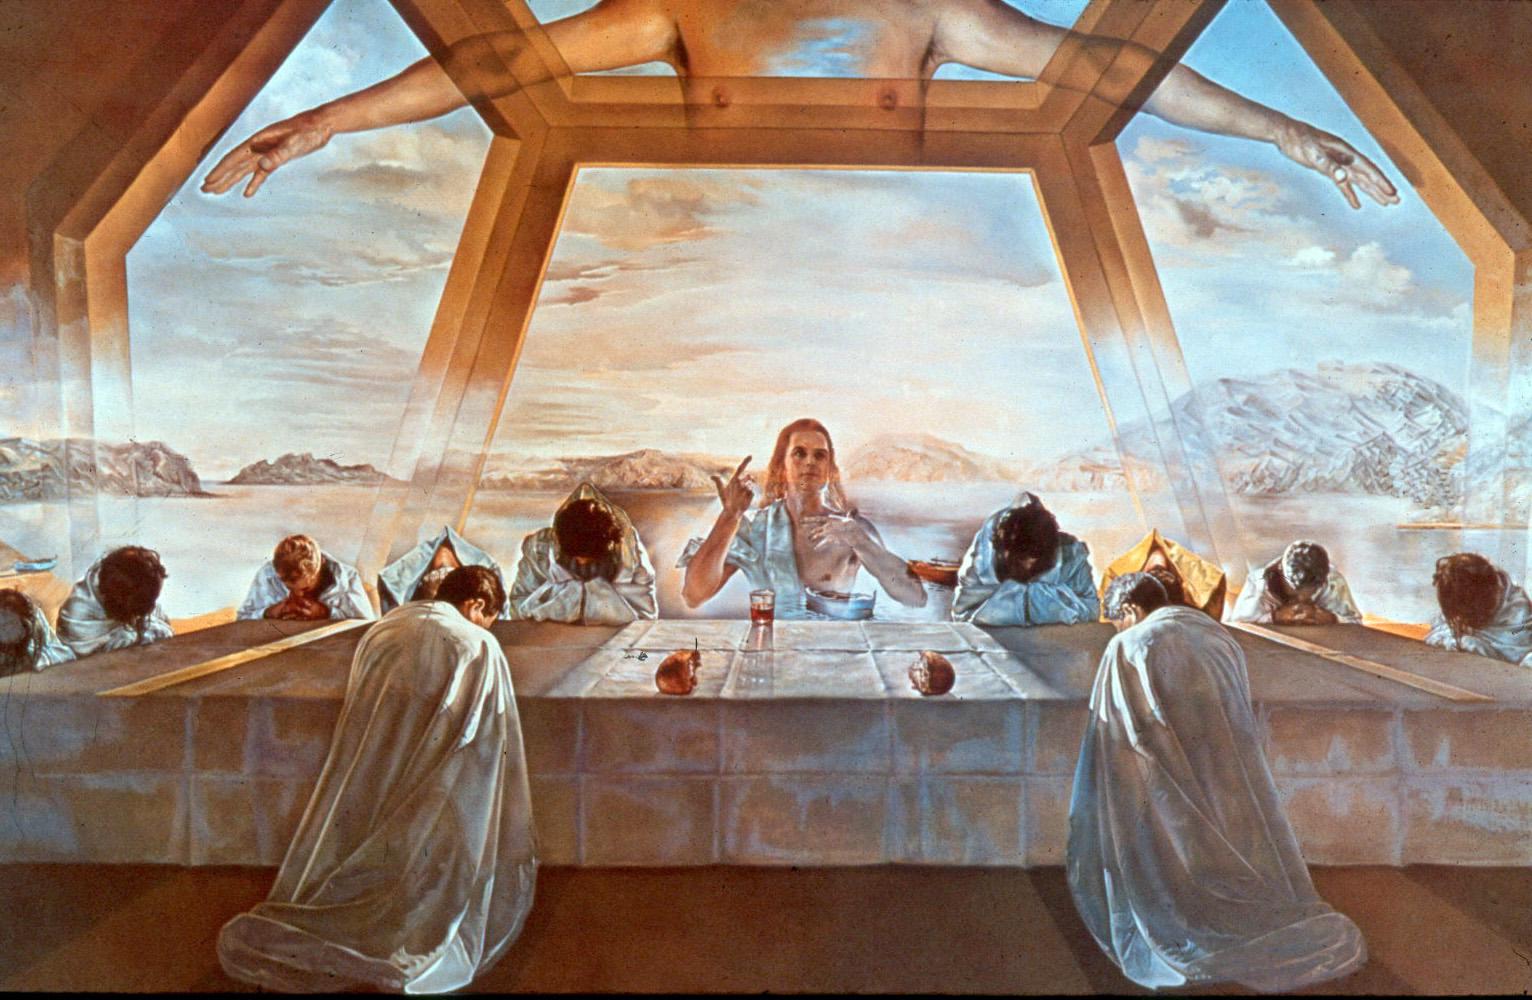 Exploring Dali S Sacrament Of The Last Supper